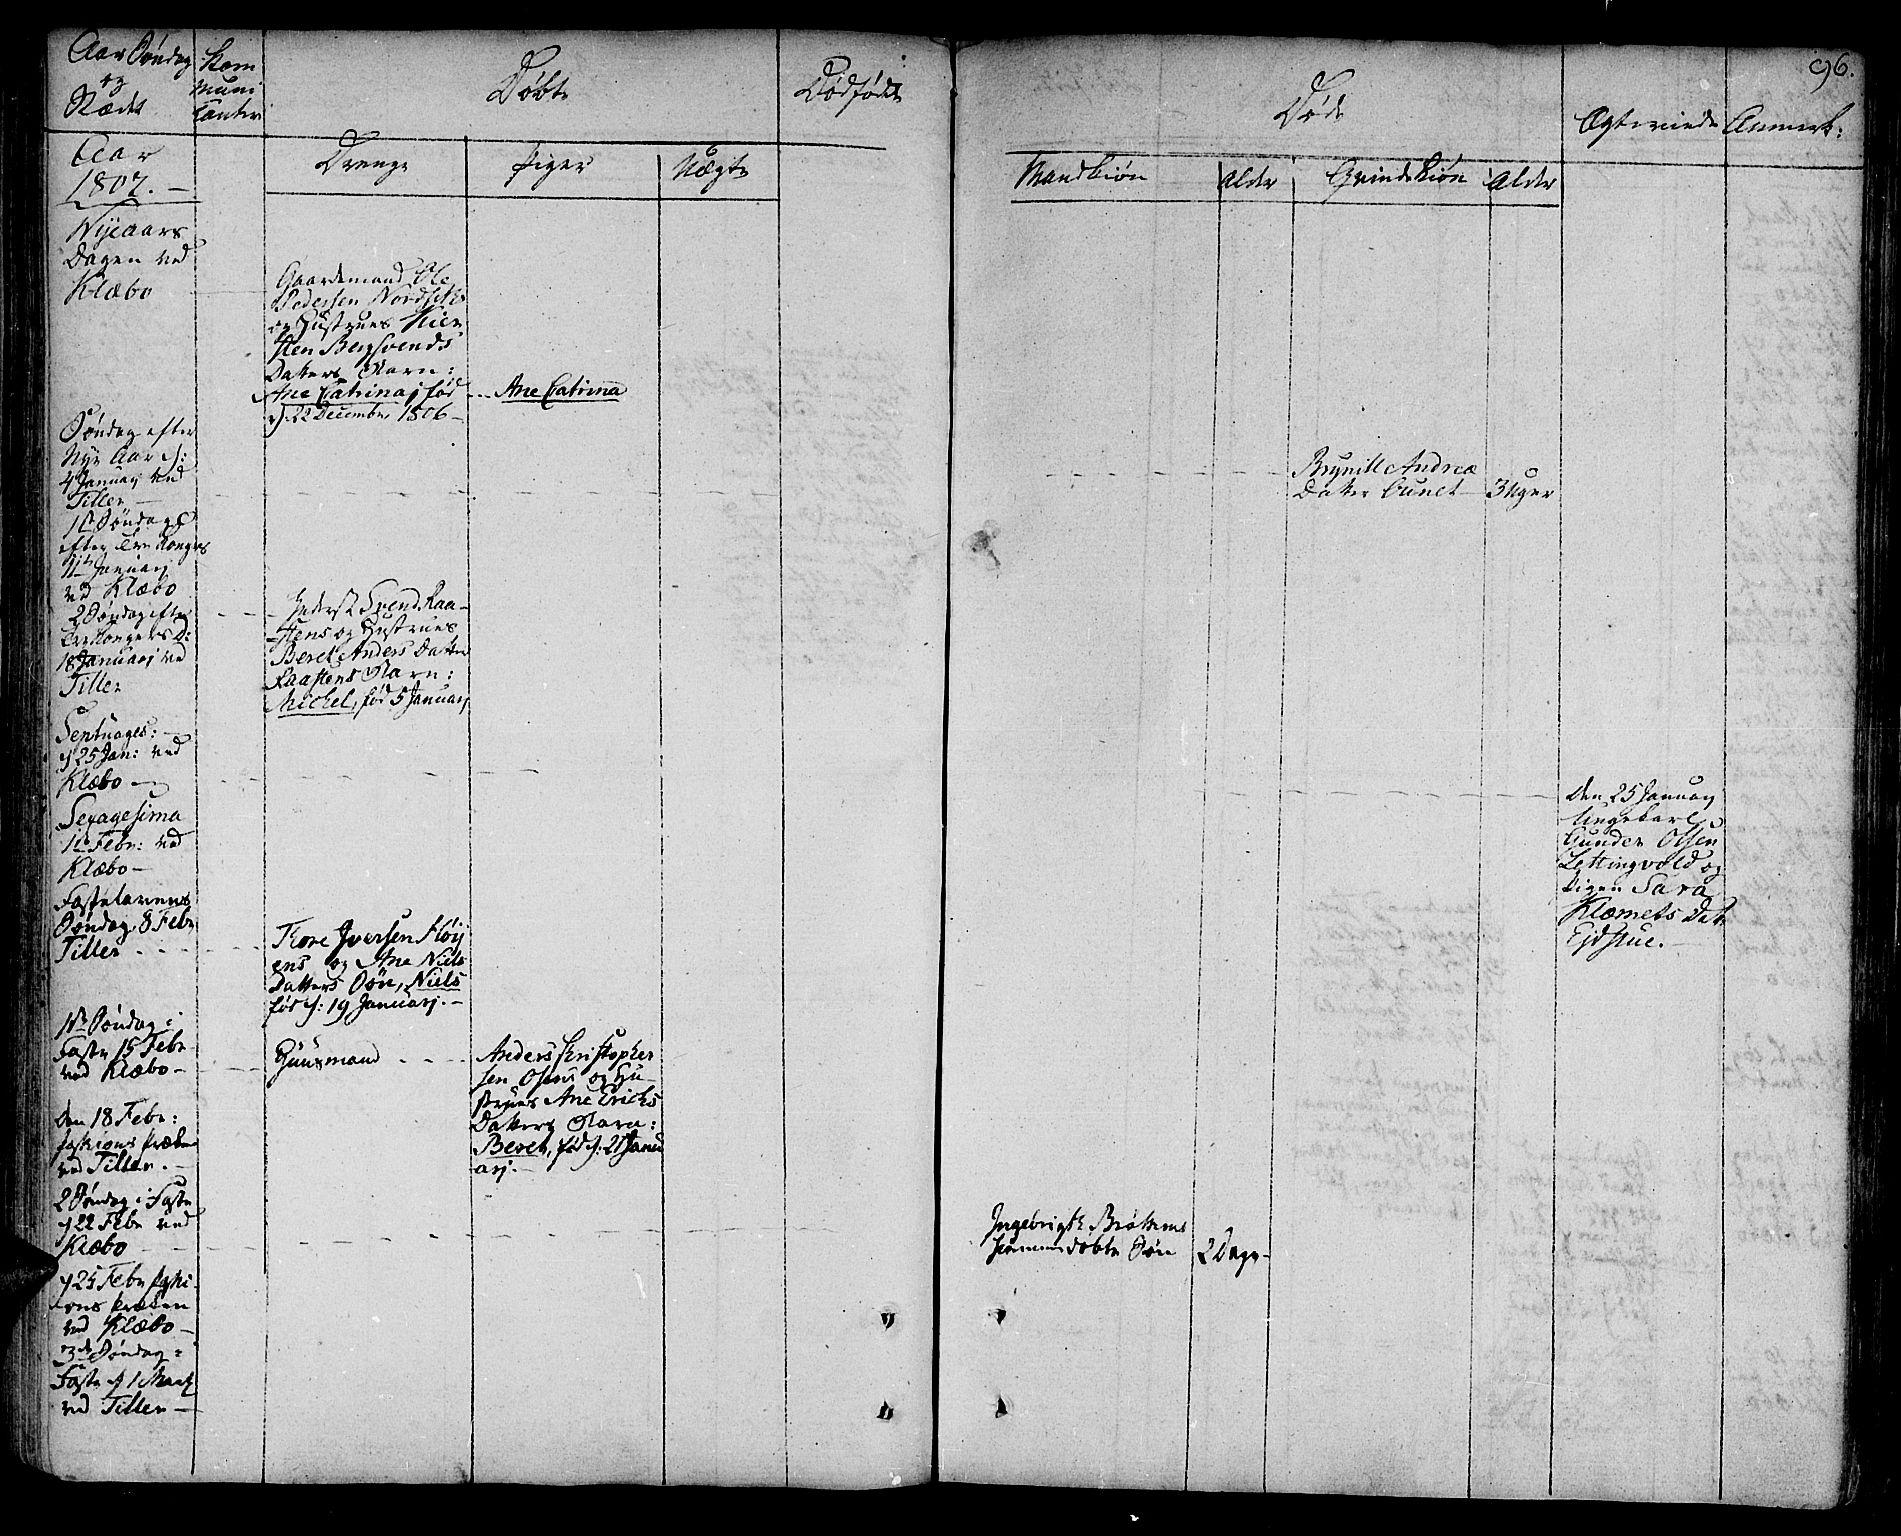 SAT, Ministerialprotokoller, klokkerbøker og fødselsregistre - Sør-Trøndelag, 618/L0438: Ministerialbok nr. 618A03, 1783-1815, s. 96